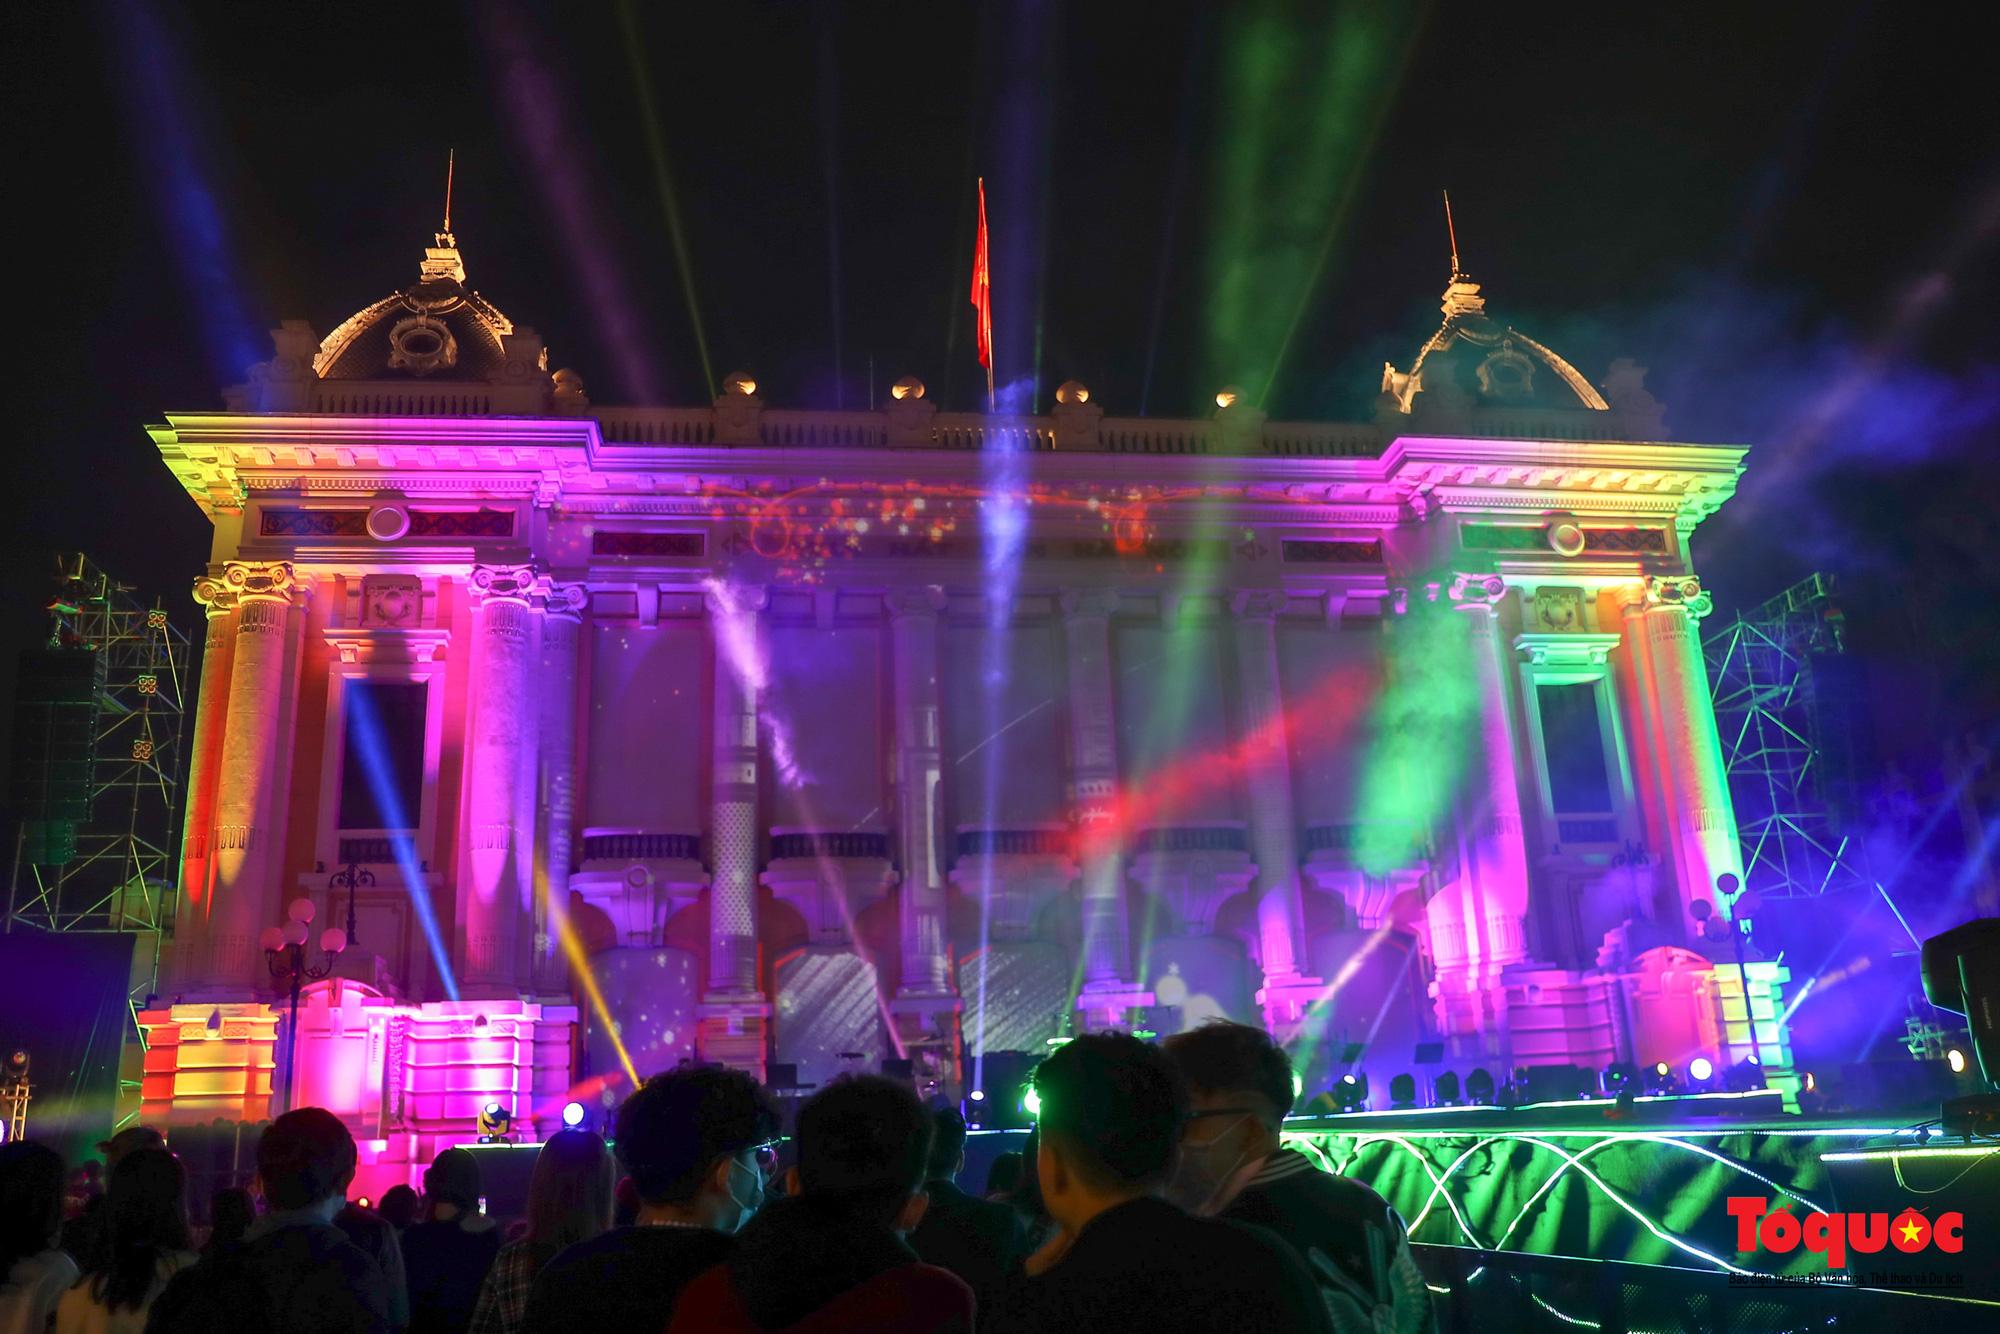 Bùng nổ Đại nhạc hội Giáng sinh 2020 tại Nhà hát Lớn - Ảnh 5.